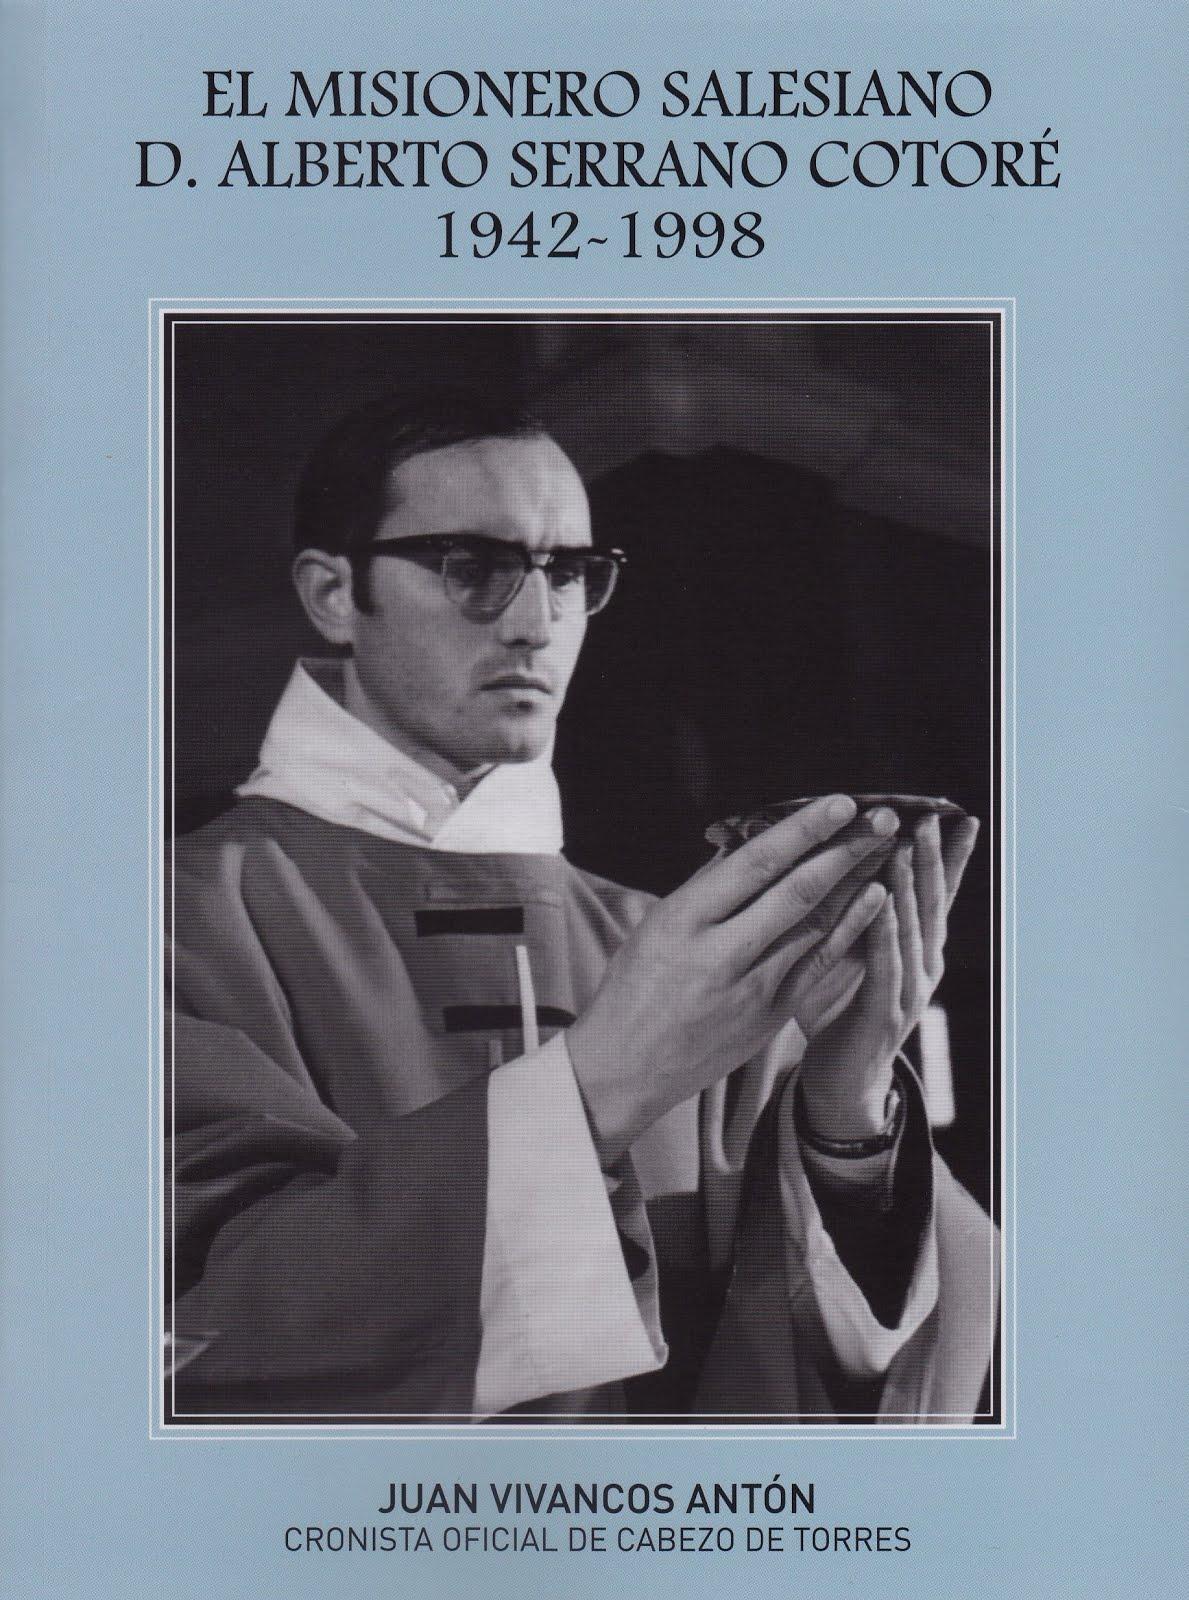 El misionero salesiano D. Alberto Serrano Cotoré 1942-1998